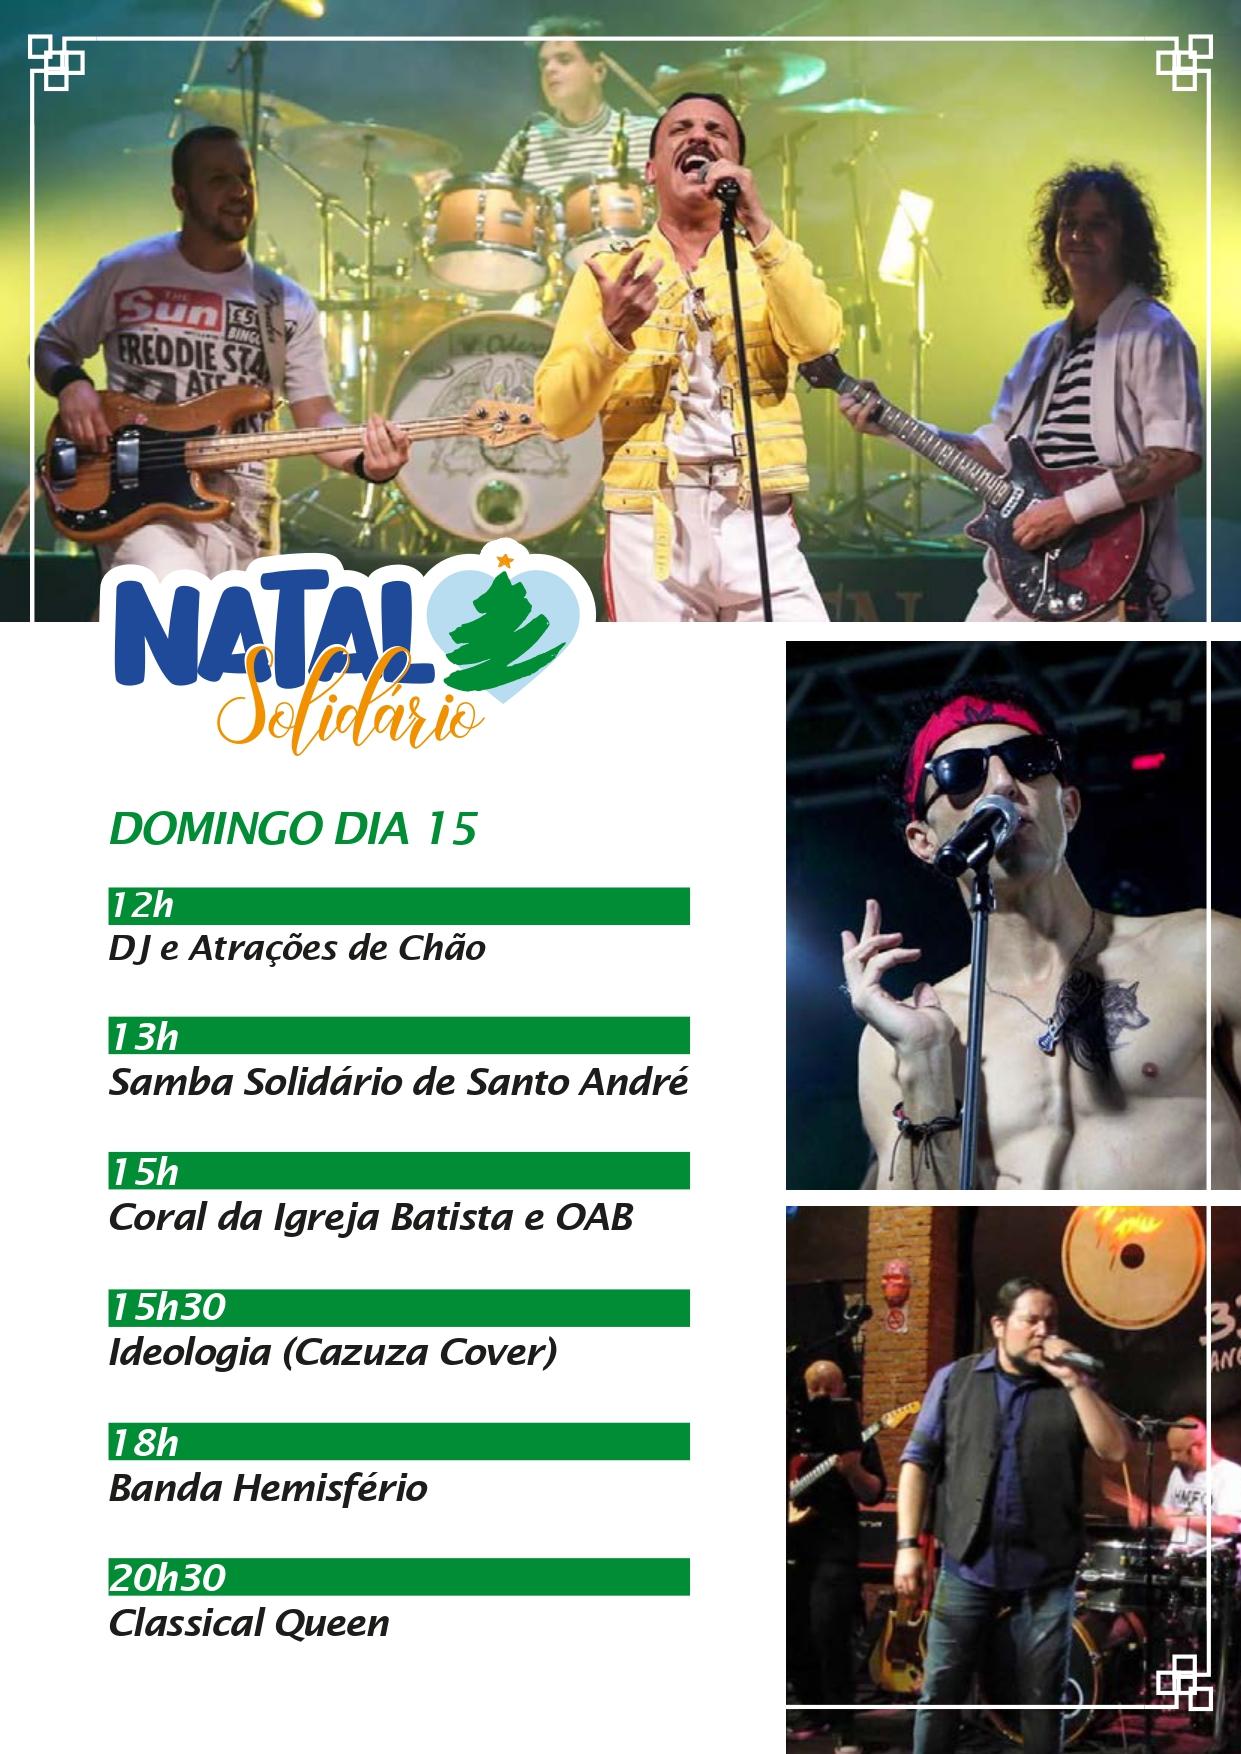 Guia de Natal 2019 - Santo André_page-0009